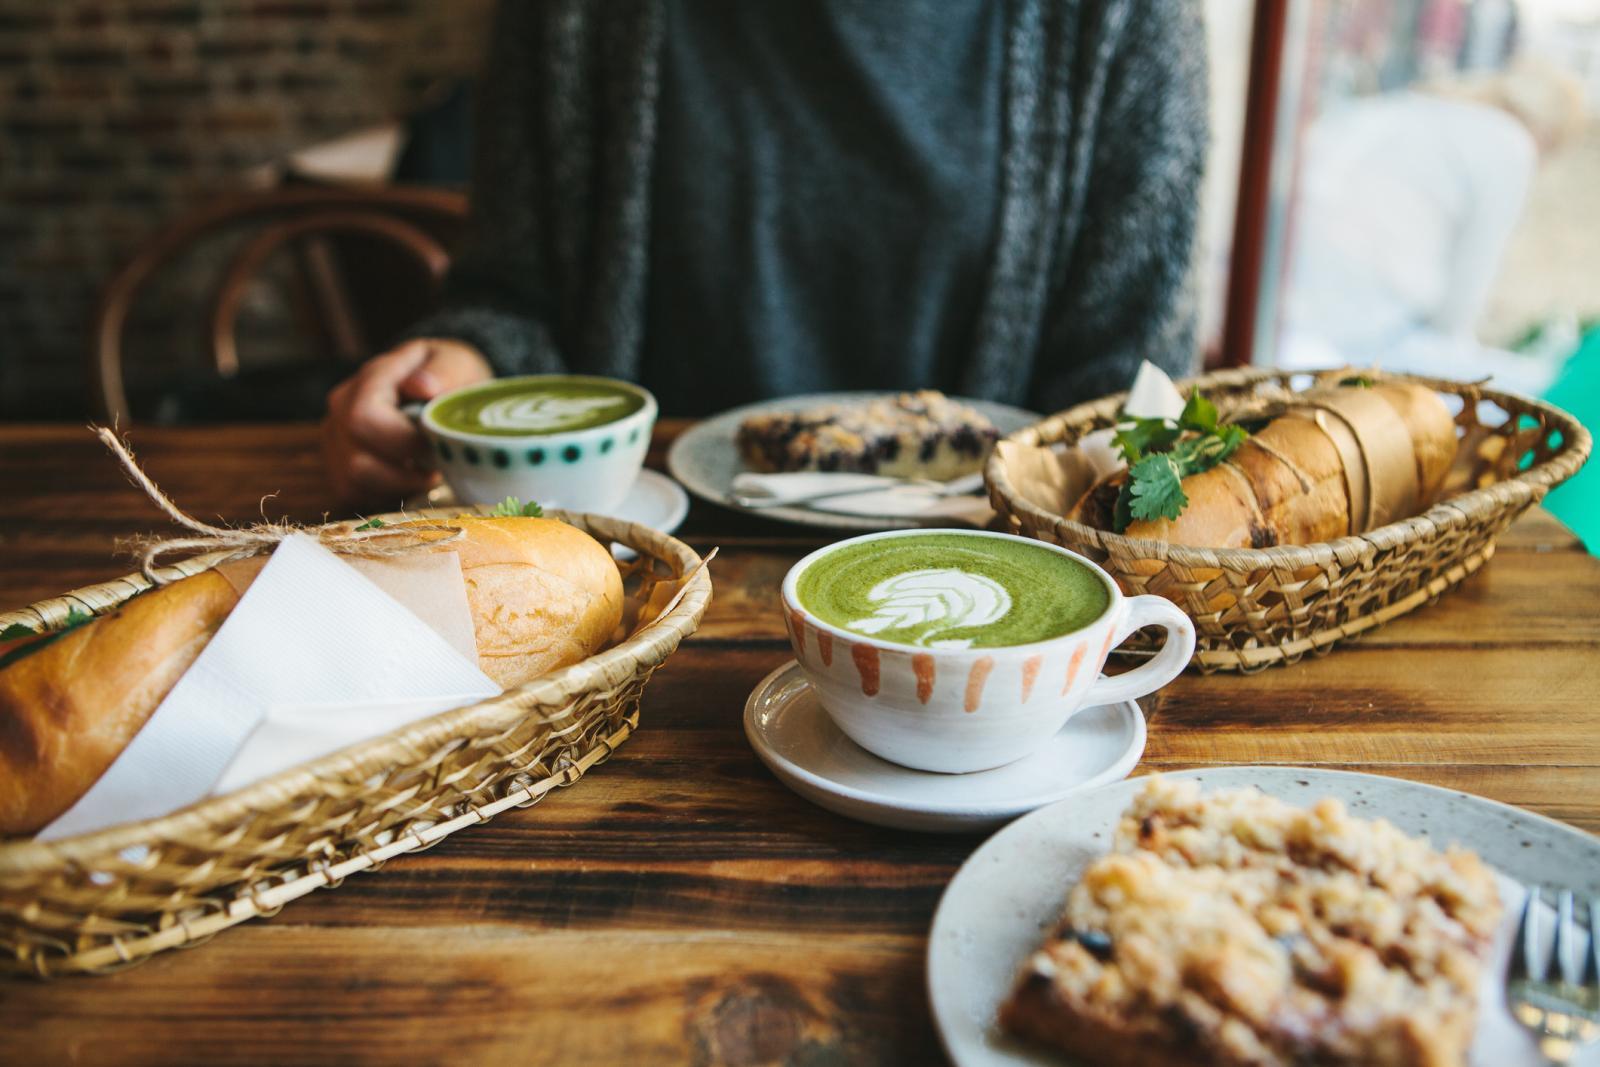 Matcha sadrži kofein, a budući da je čaj napravljen tako da se cijeli listovi melju u fini prah, količina kofeina je veća nego ako pijete uobičajeni zeleni čaj.